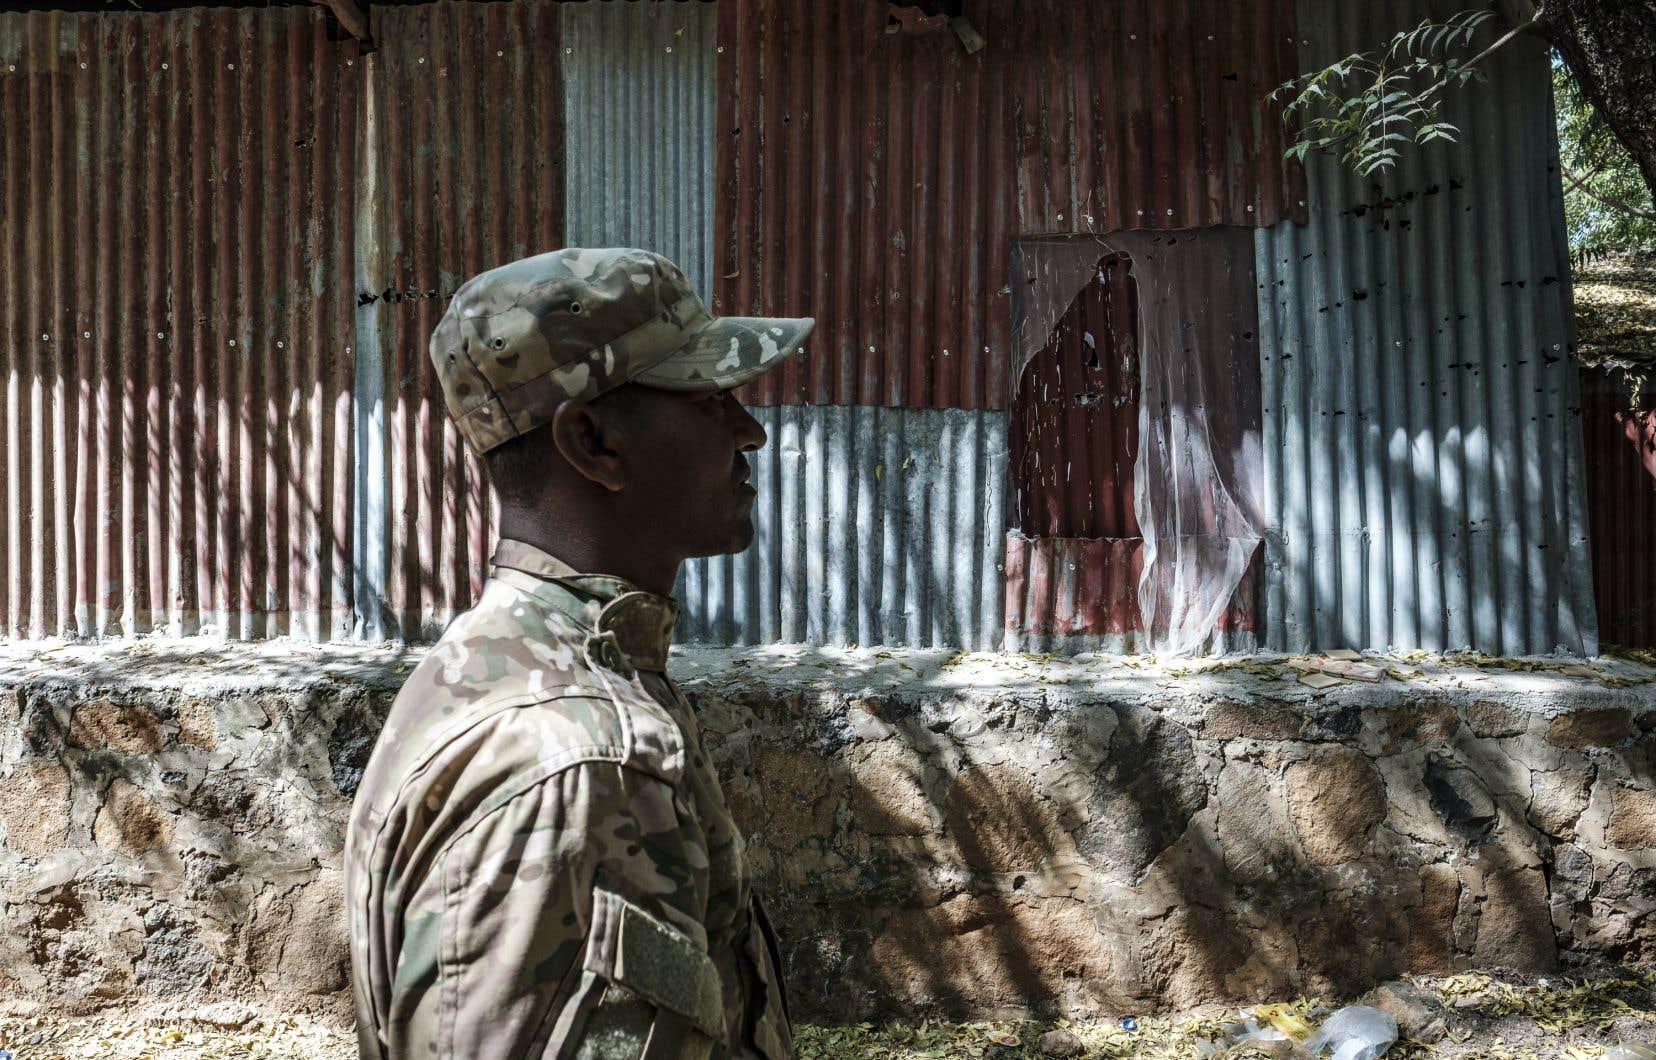 Dimanche matin, il n'était toujours pas possible de vérifier de manière indépendante si Mekele était totalement sous le contrôle de l'armée éthiopienne, dont un porte-parole, Mohamed Tessema, a affirmé à l'AFP que les opérations s'y déroulaient «très bien».